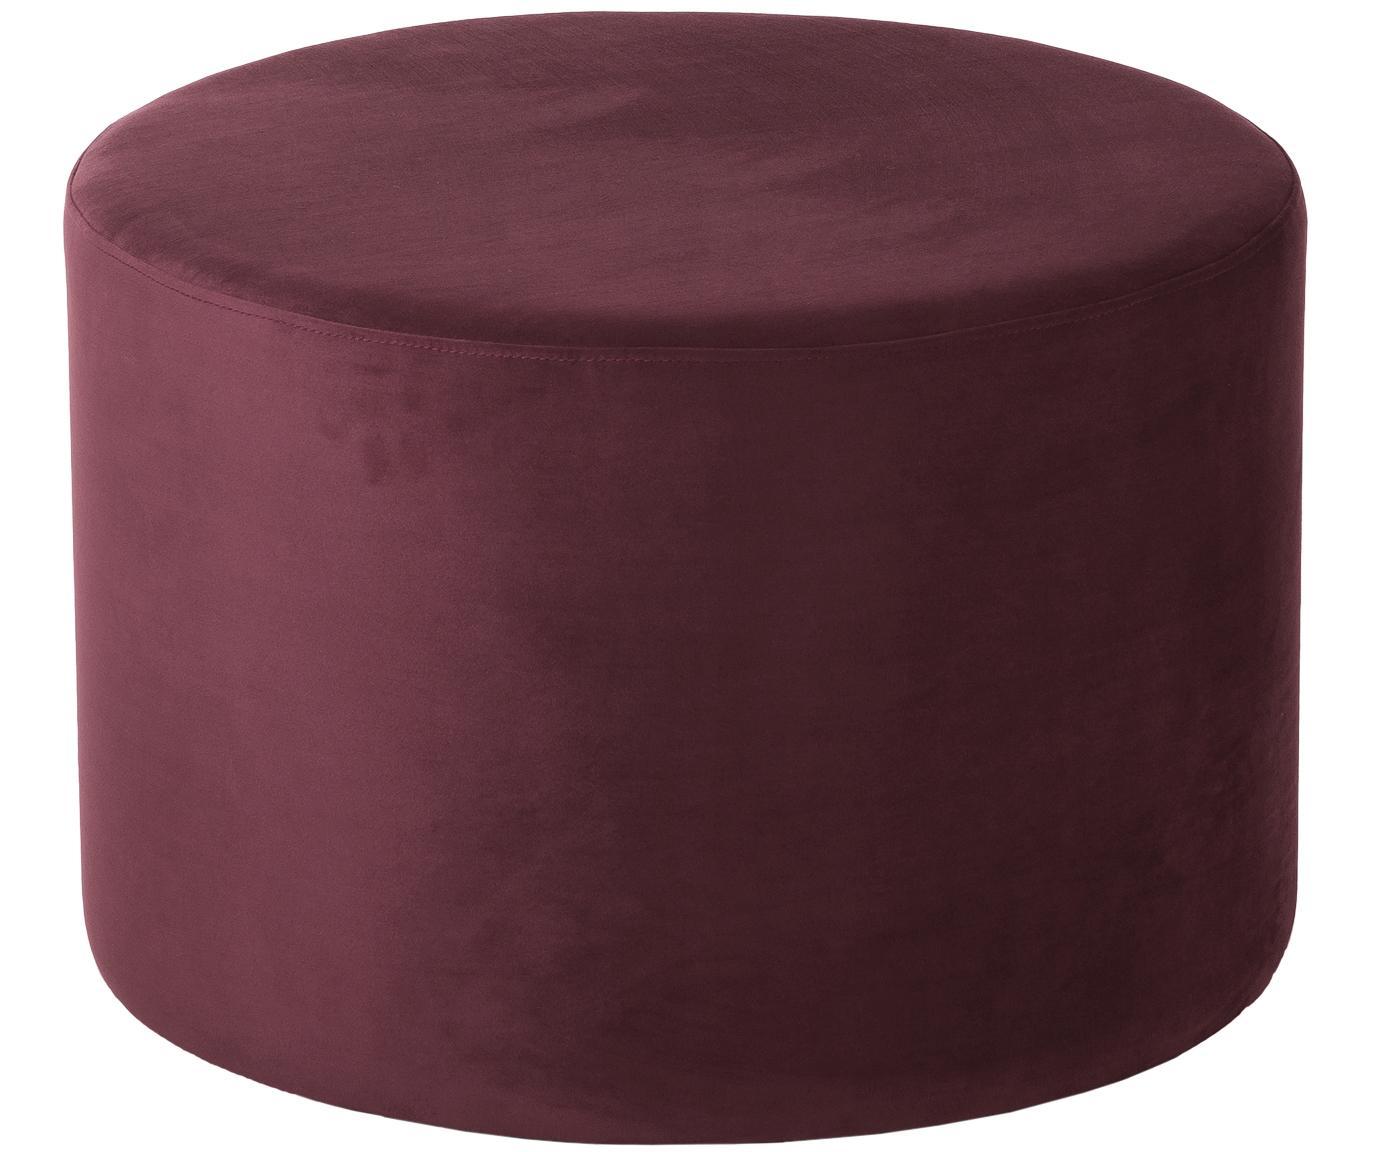 Pouf in velluto Daisy, Rivestimento: velluto (poliestere) 15.0, Struttura: pannello di fibra a media, Rosso scuro, Ø 62 x Alt. 41 cm